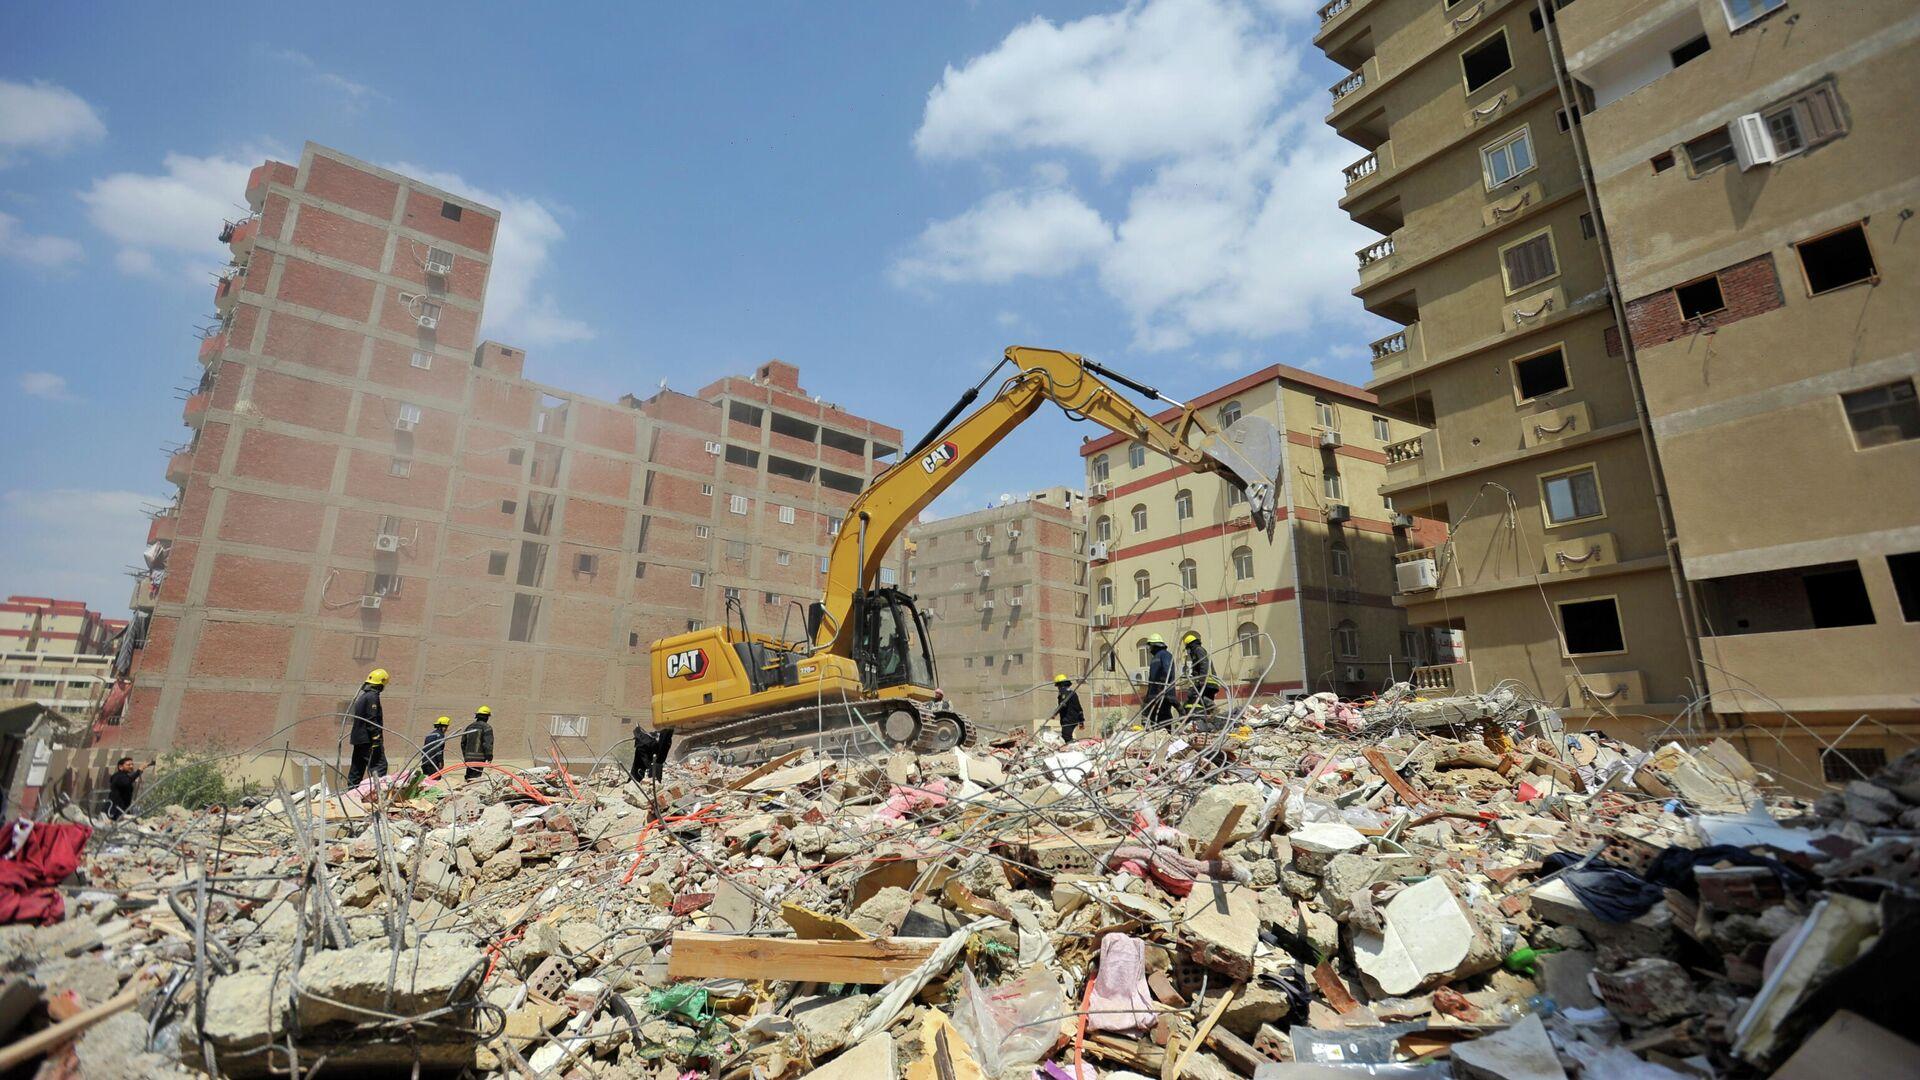 Las operaciones de rescate tras el colapso de una vivienda en el Cairo - Sputnik Mundo, 1920, 28.03.2021